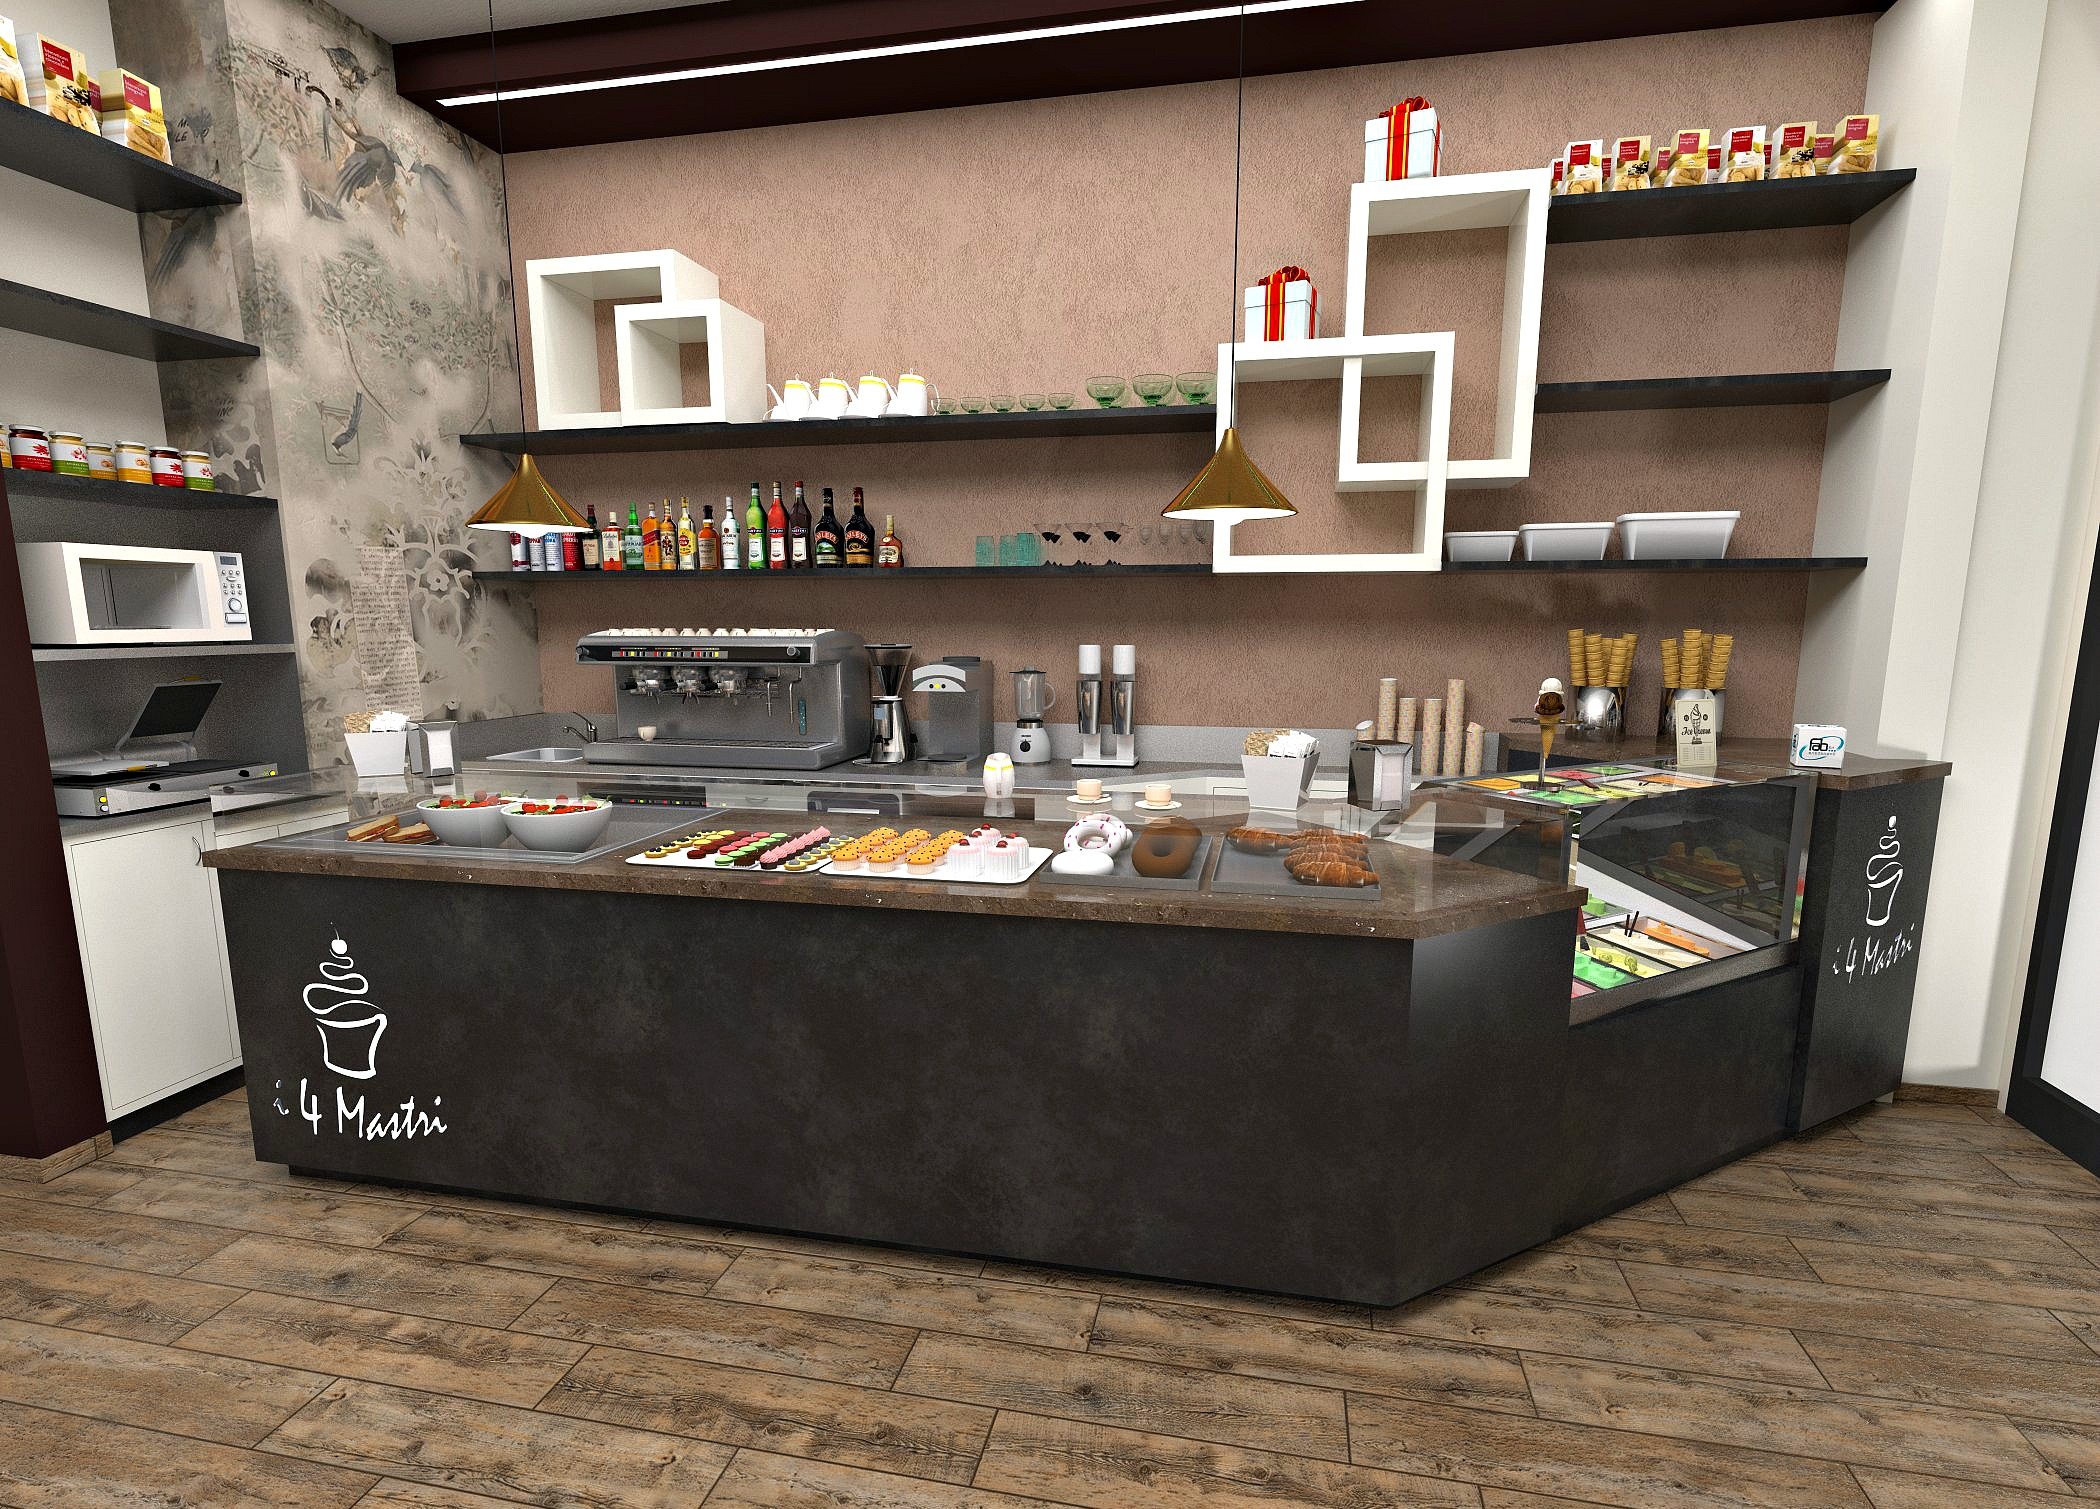 Foto di un progetto per il banco del bar alla Pasticceria Caffetteria i 4 Mastri a Milano